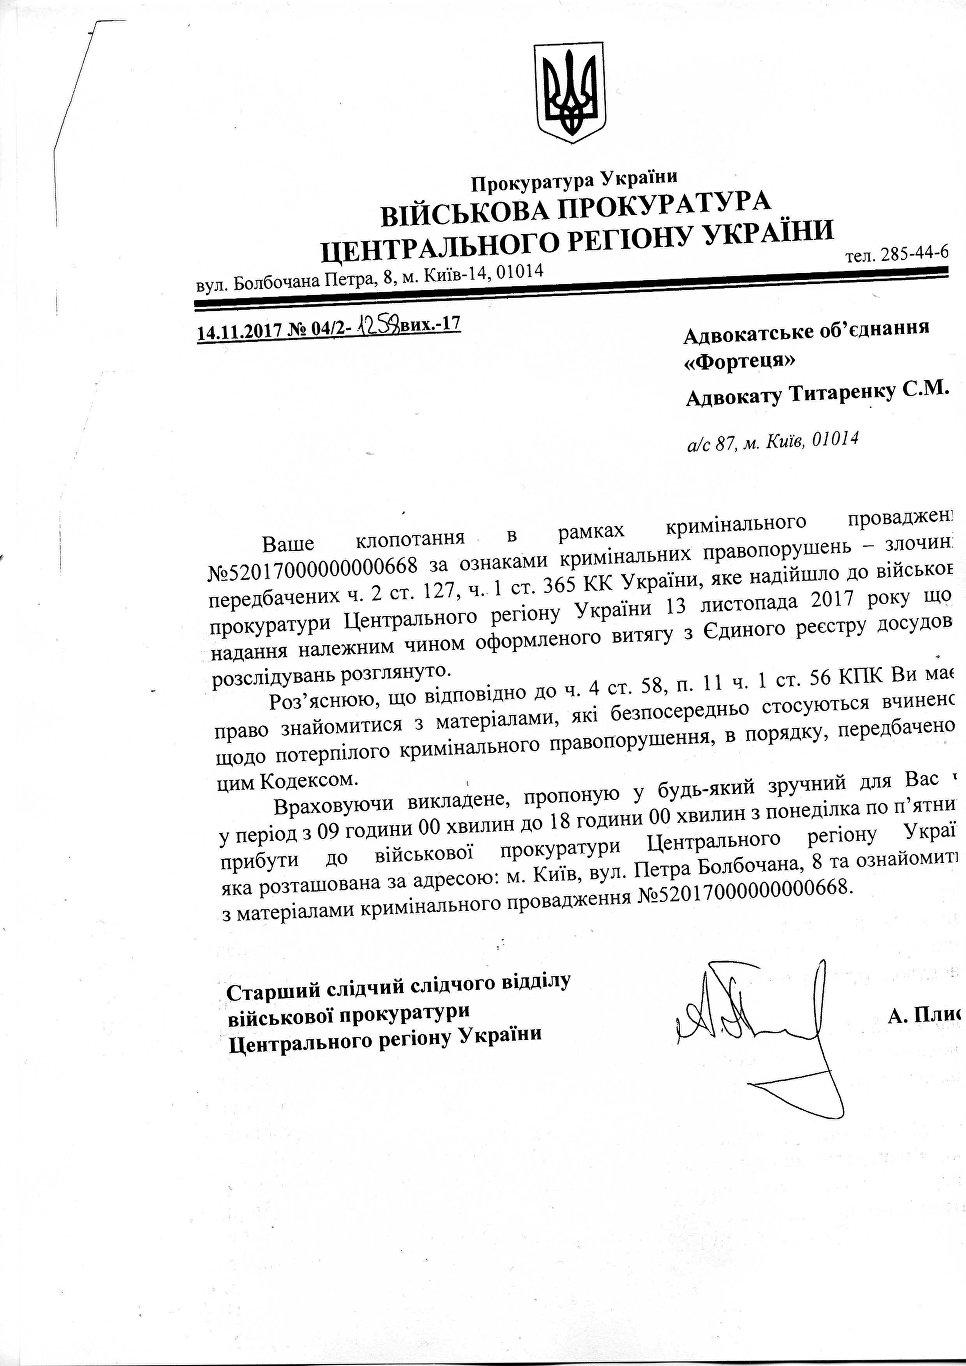 Письмо из военной прокуратуры адвокату Сергея Сановского Сергею Титоренко по поводу ознакомления с материалами дела.